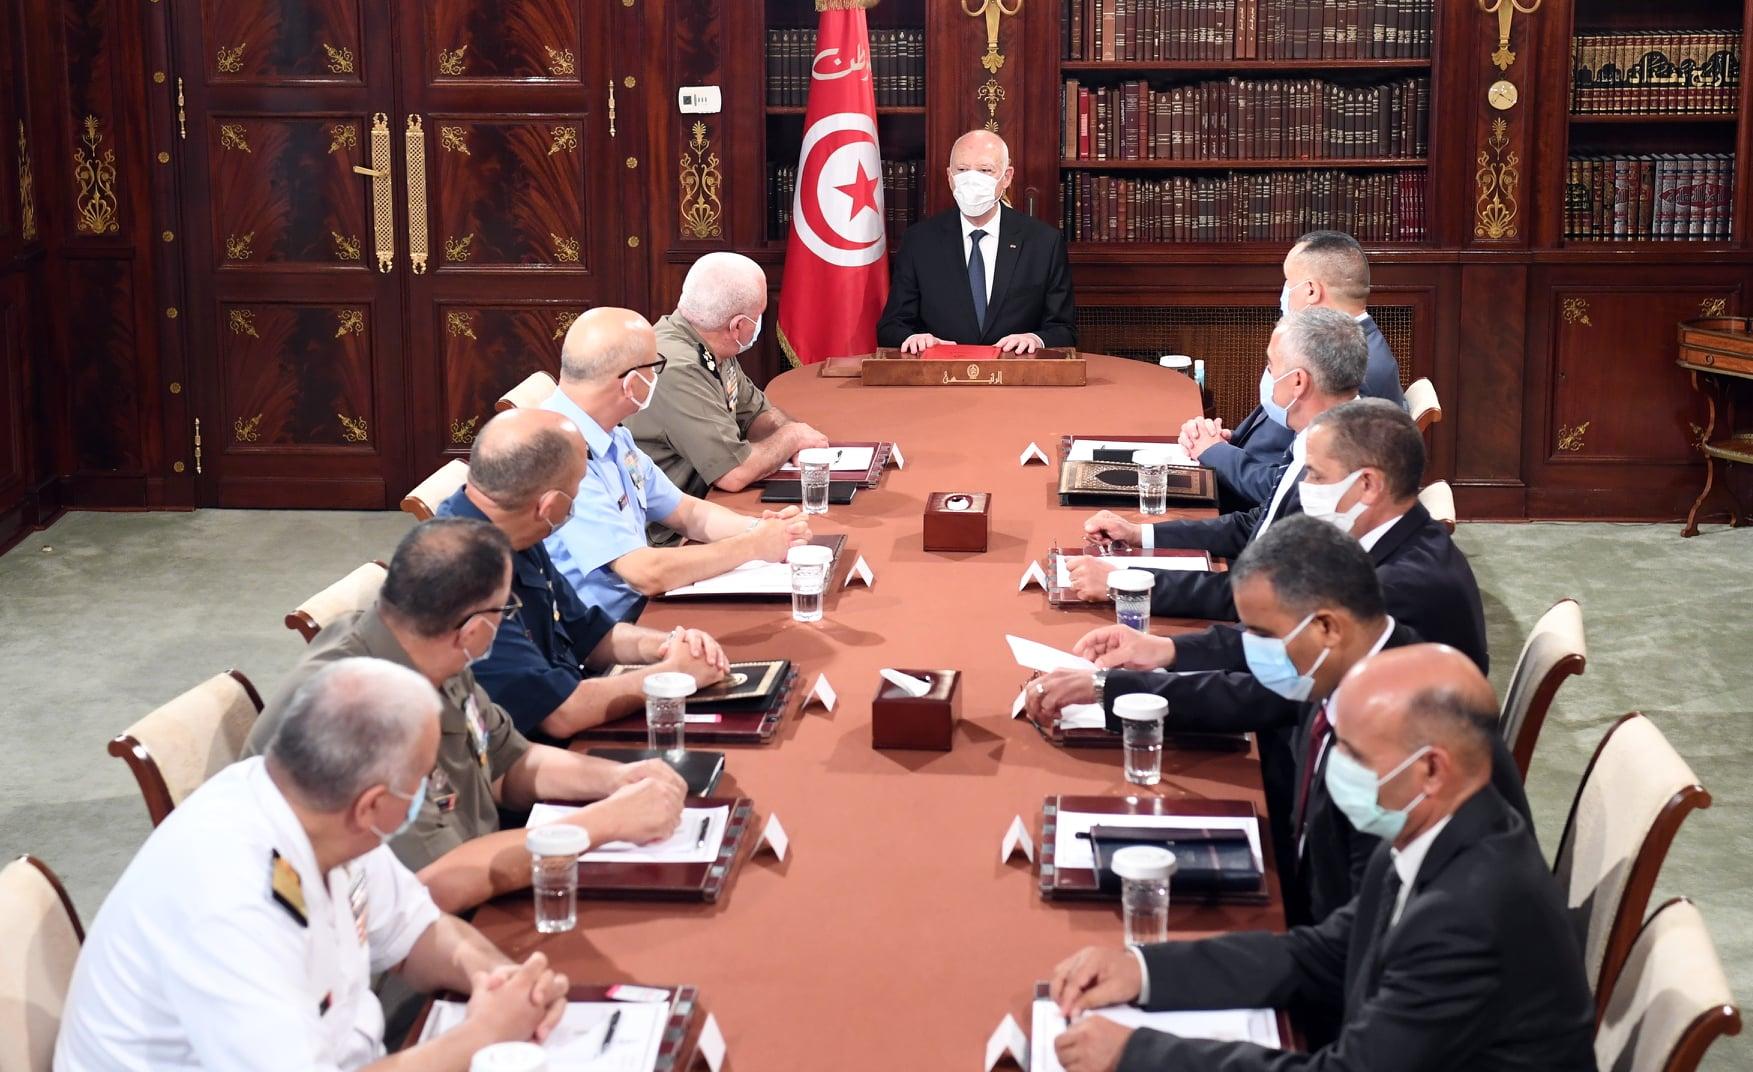 Tunisie: Kais Saied préside une réunion du Conseil suprême des Forces armées